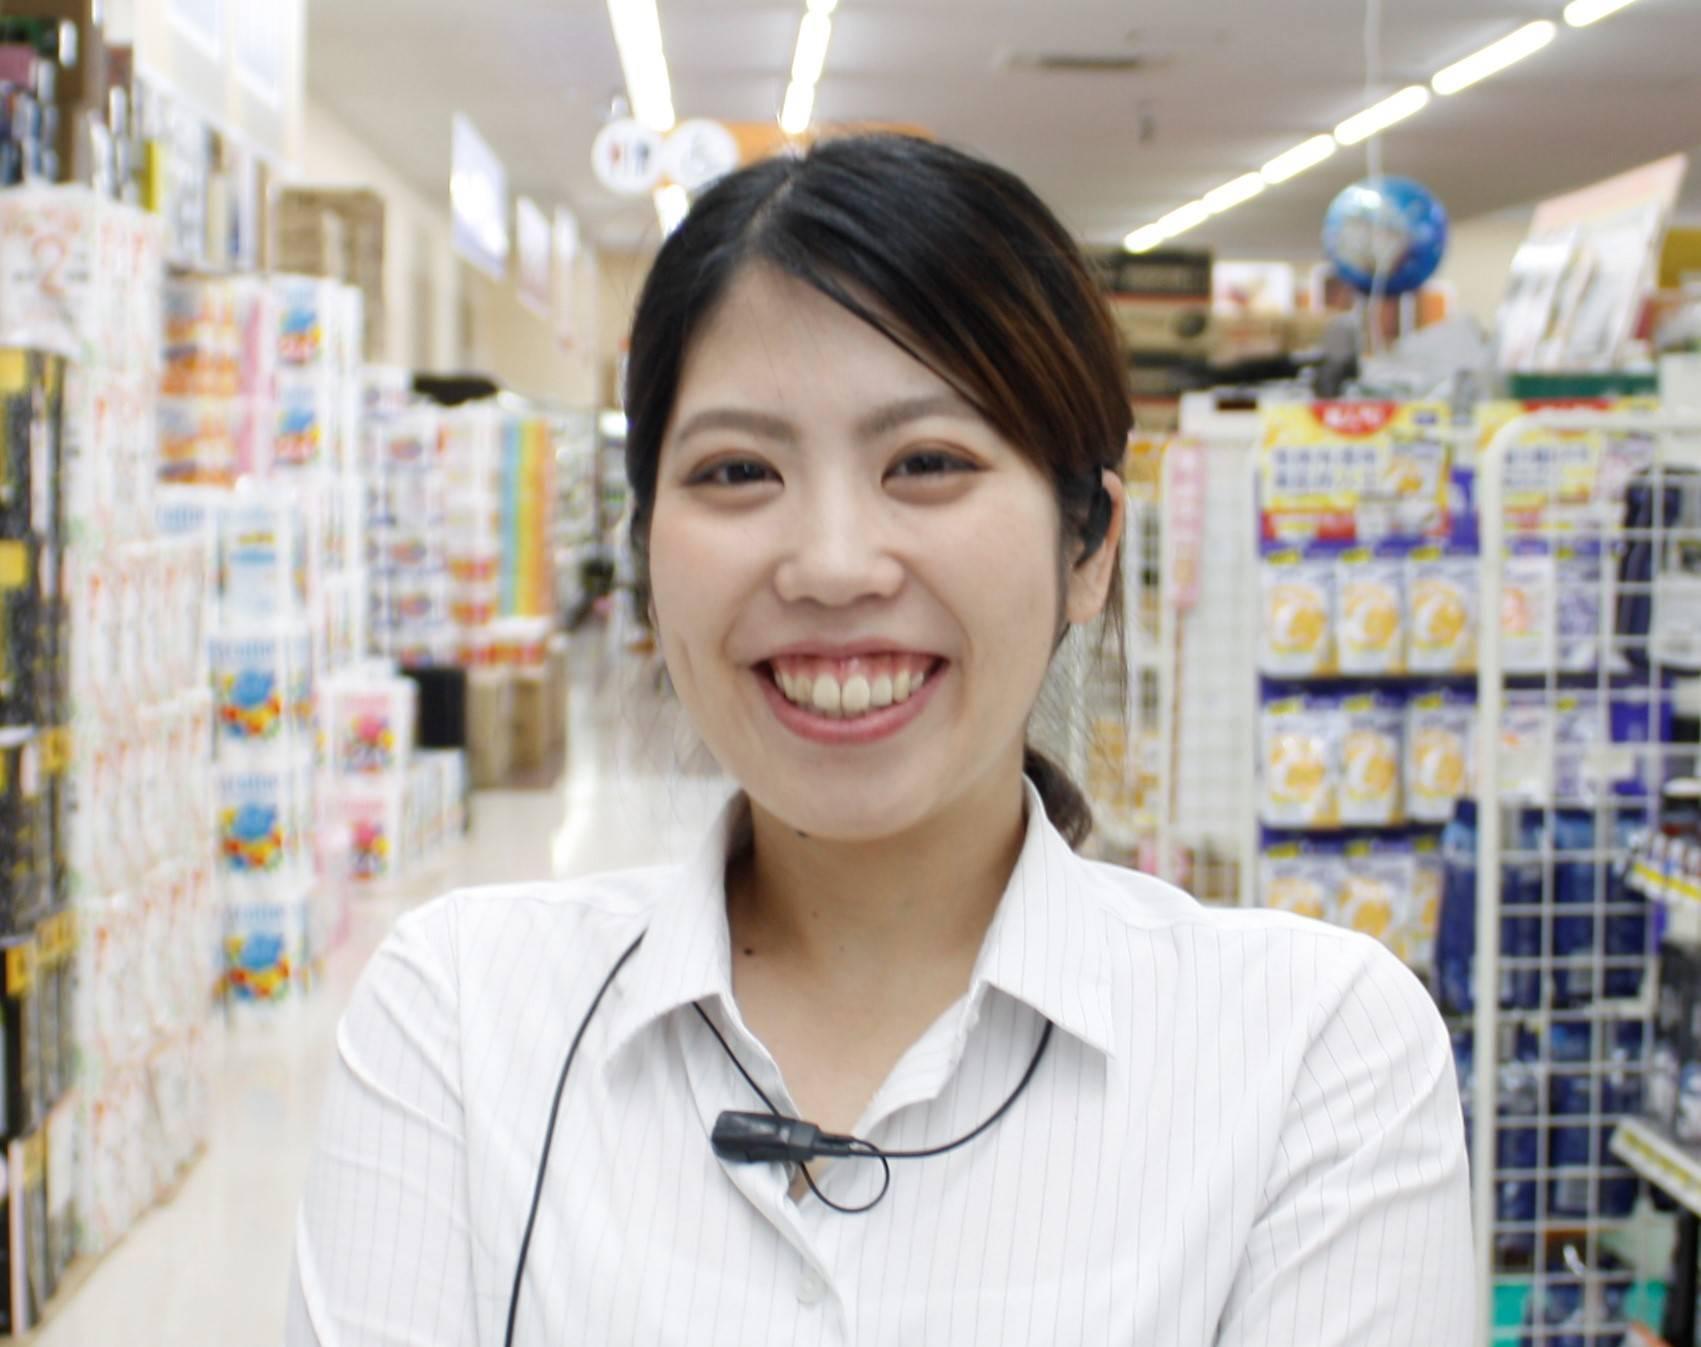 ミスターマックス 山口店(株式会社ミスターマックス・ホールディングス)